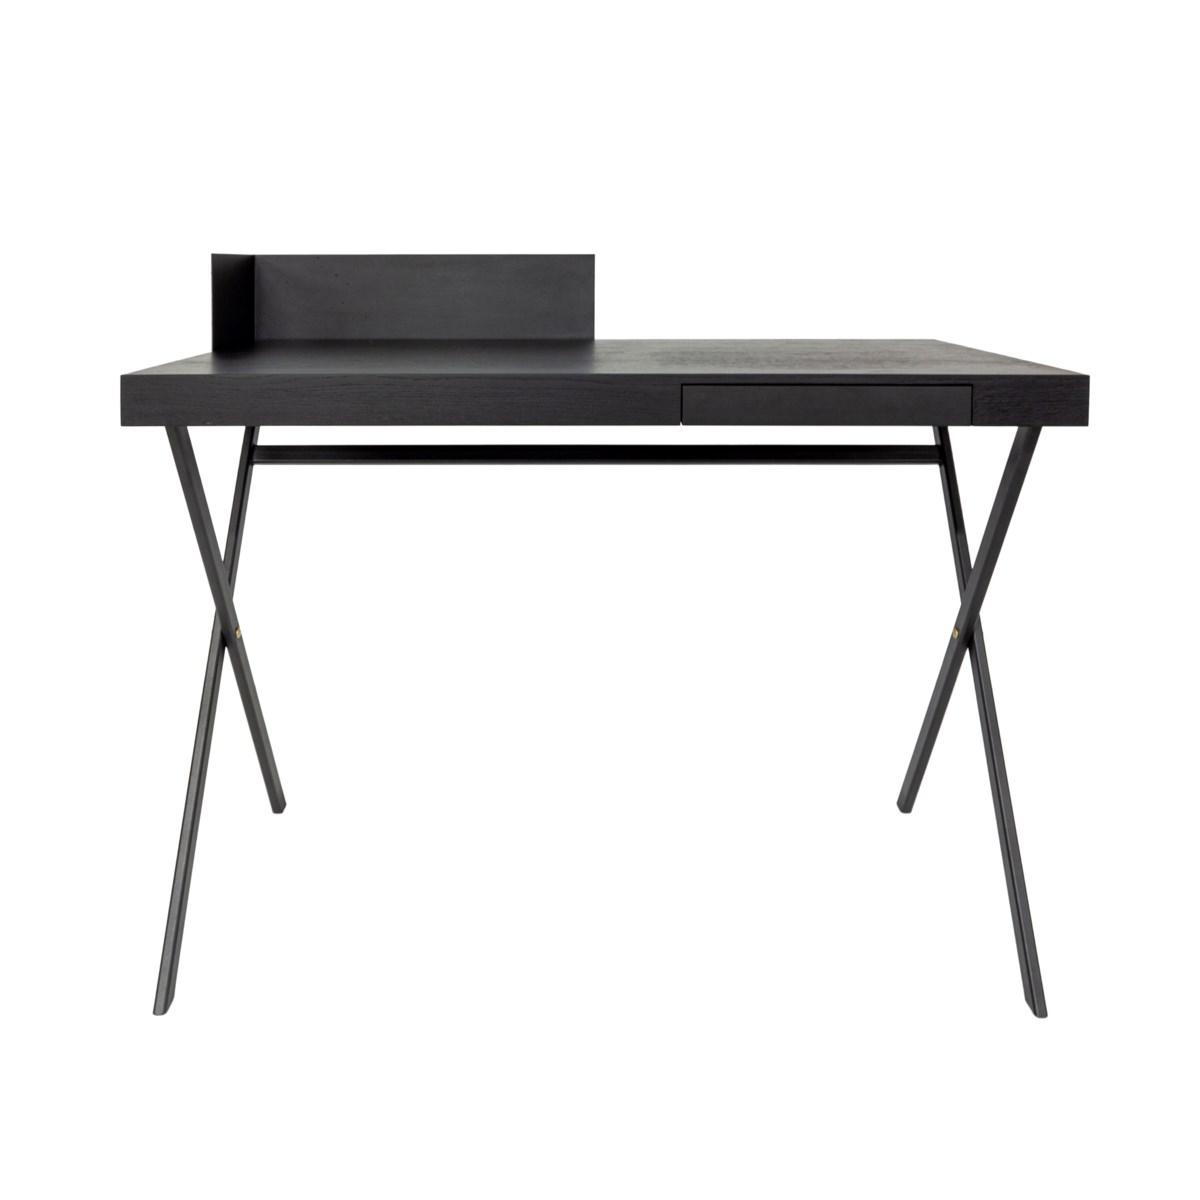 Plato Desk